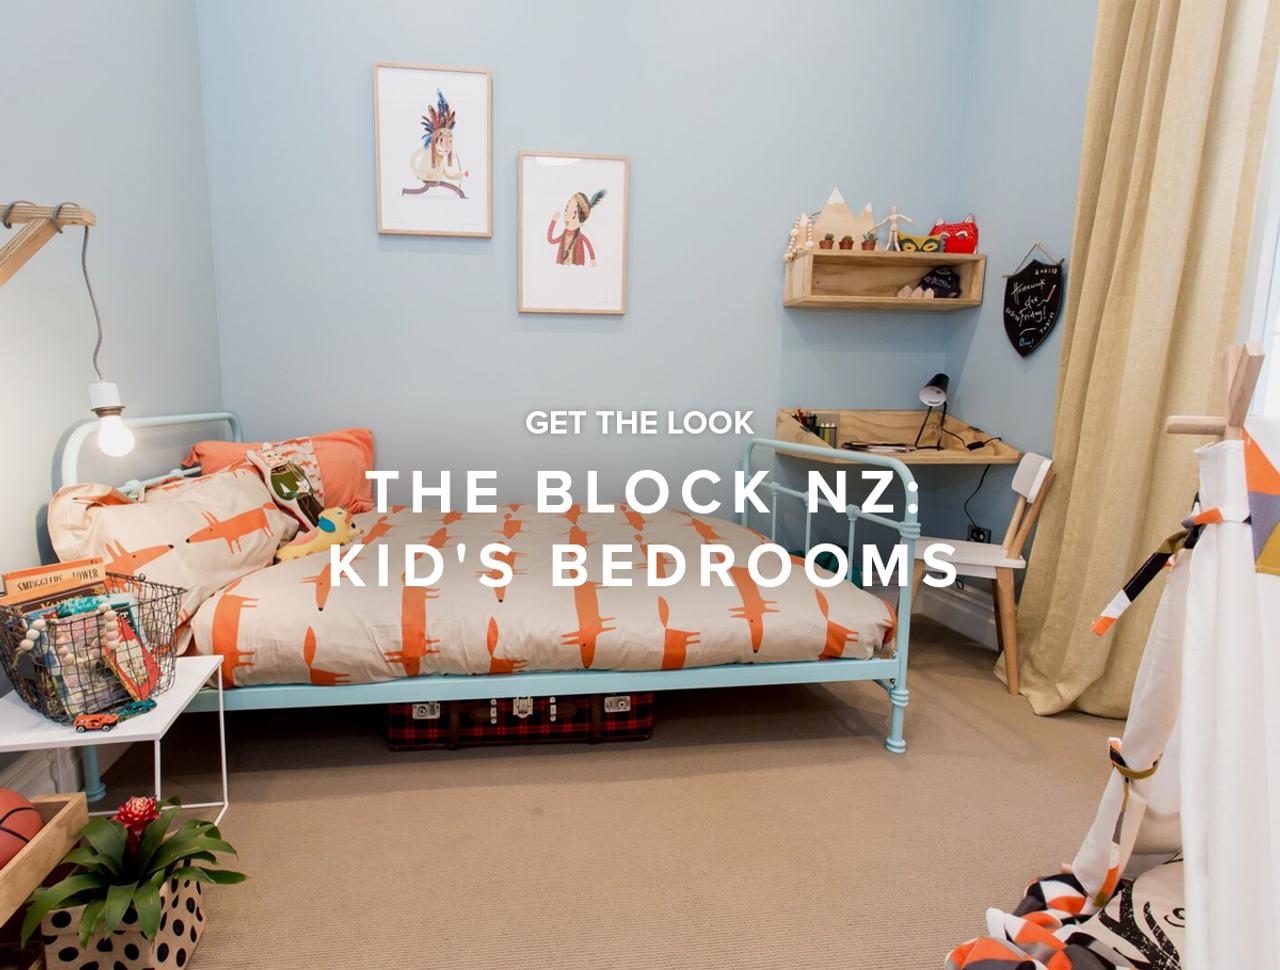 Get the Look: The Block NZ - Kid's Bedrooms